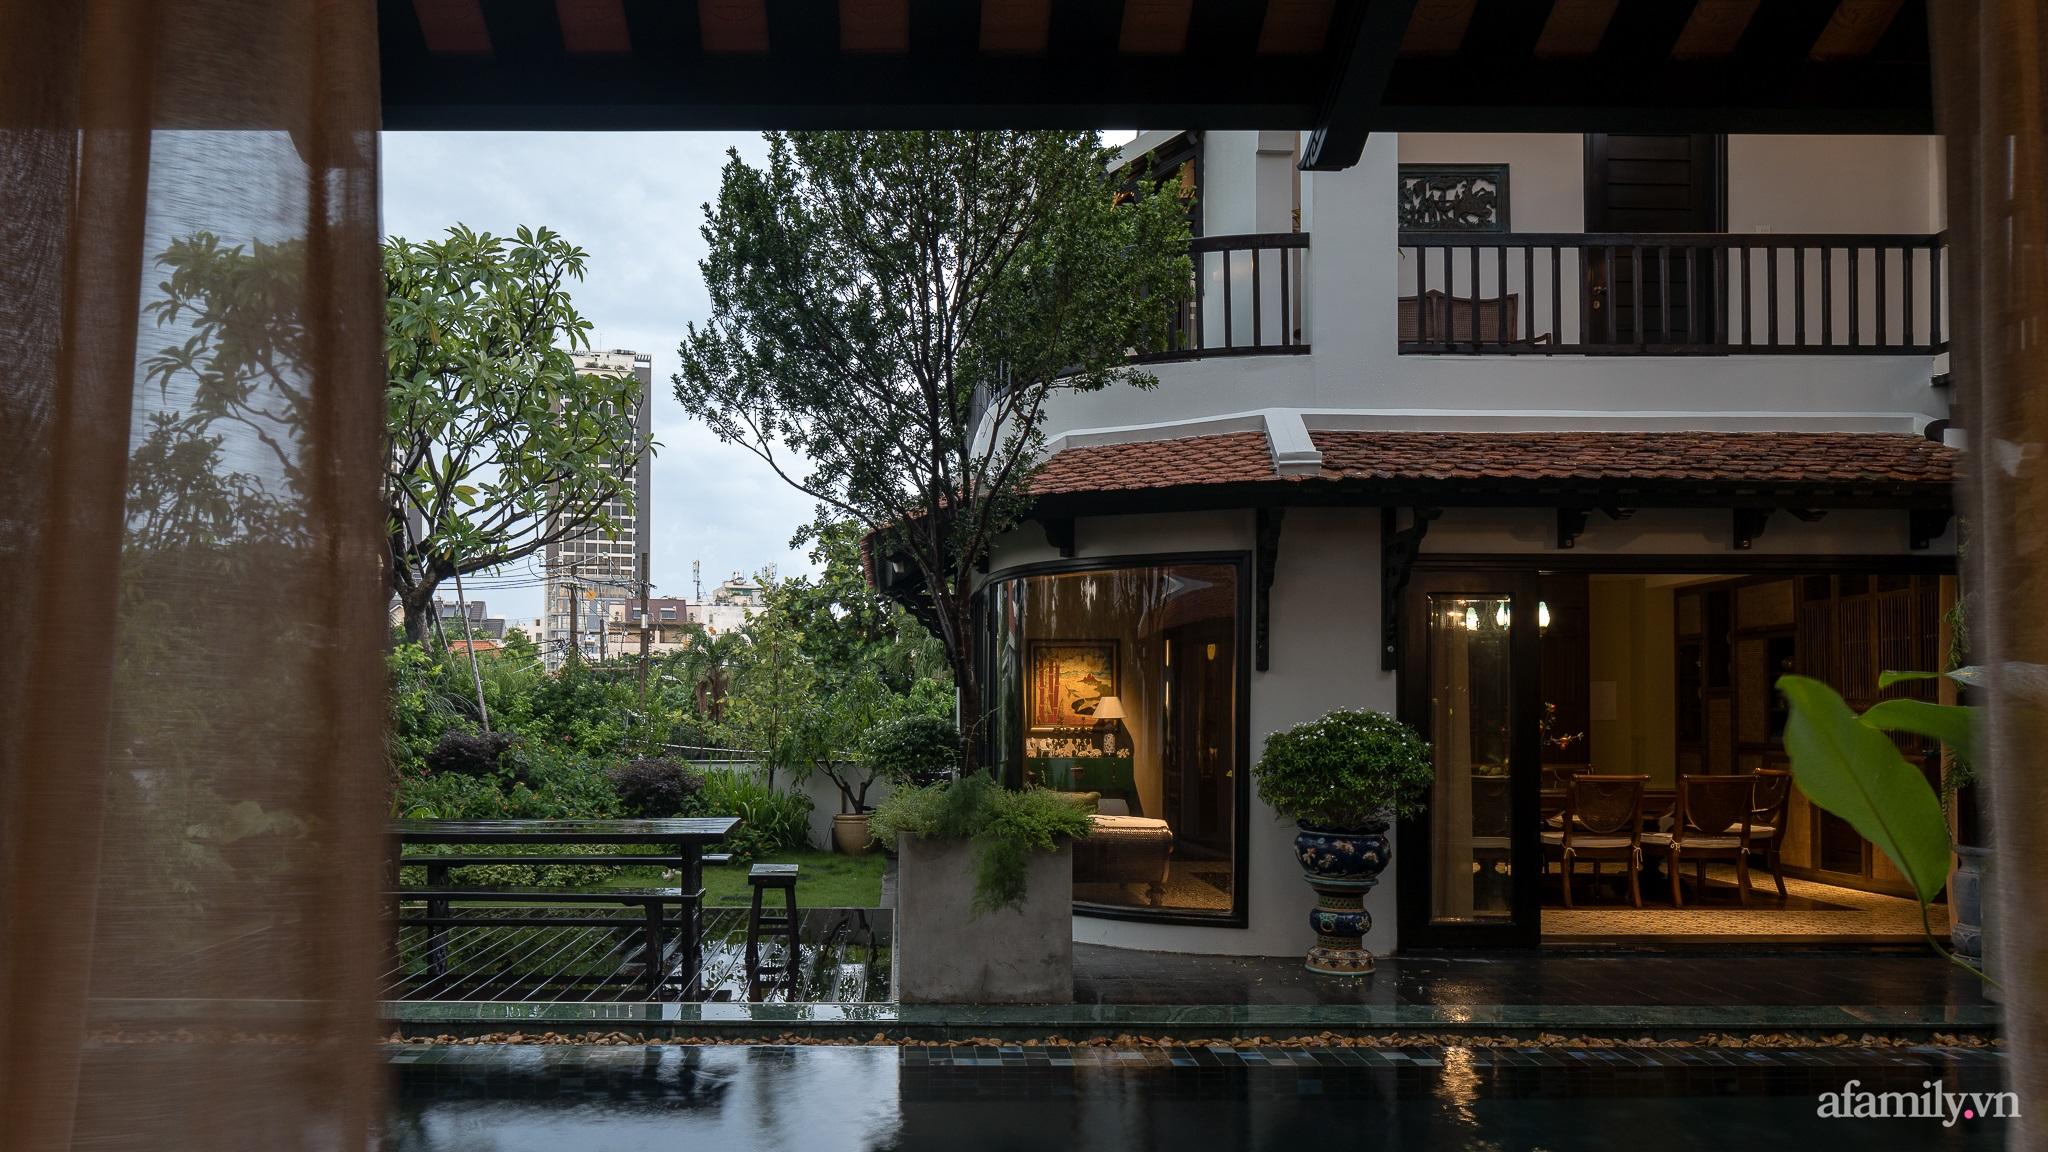 """a 89 1603870687750642099974 - Căn nhà 500m² """"giấu"""" những bình dị an yên của lứa đôi hạnh phúc giữa tấp nập phố phường ở Quận 2, Sài Gòn"""